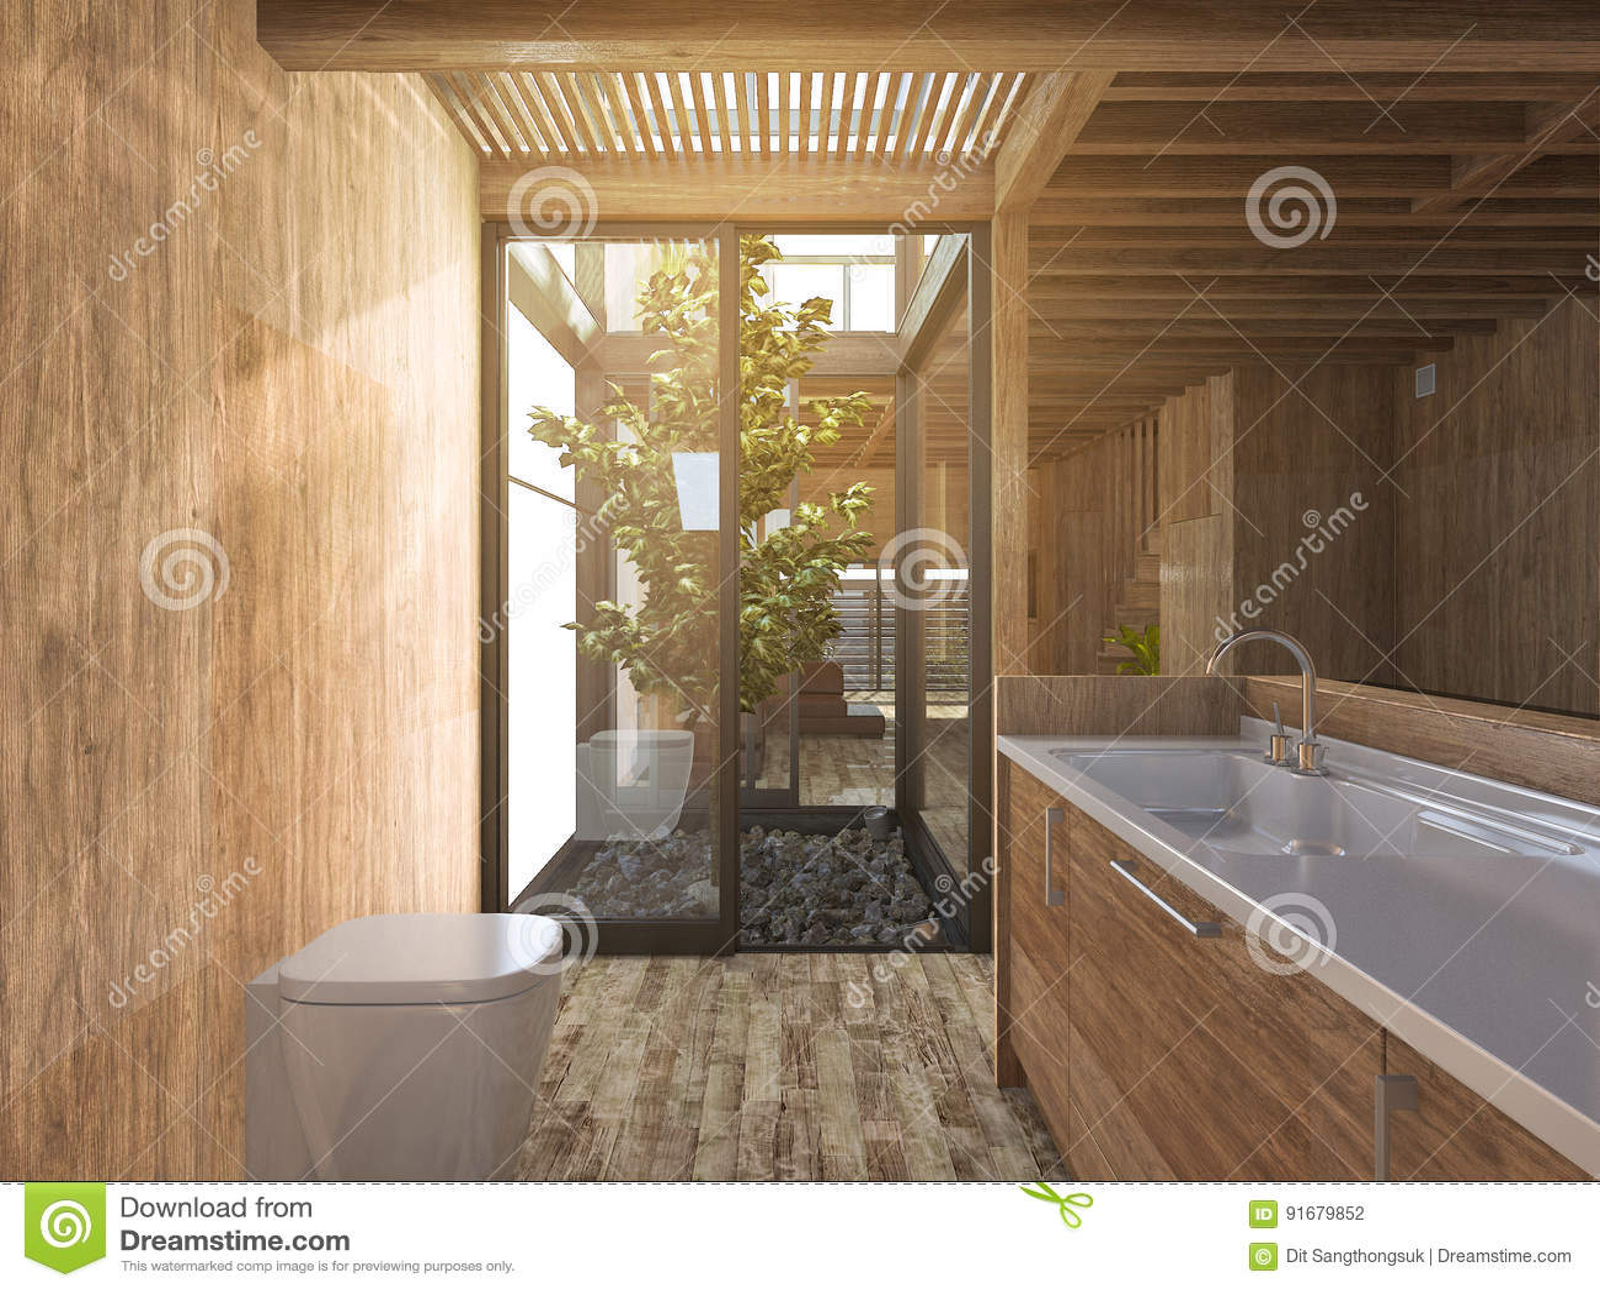 Salle De Bain Asiatique concernant salle de bains en bois du rendu 3d près de jardin de roche japonais